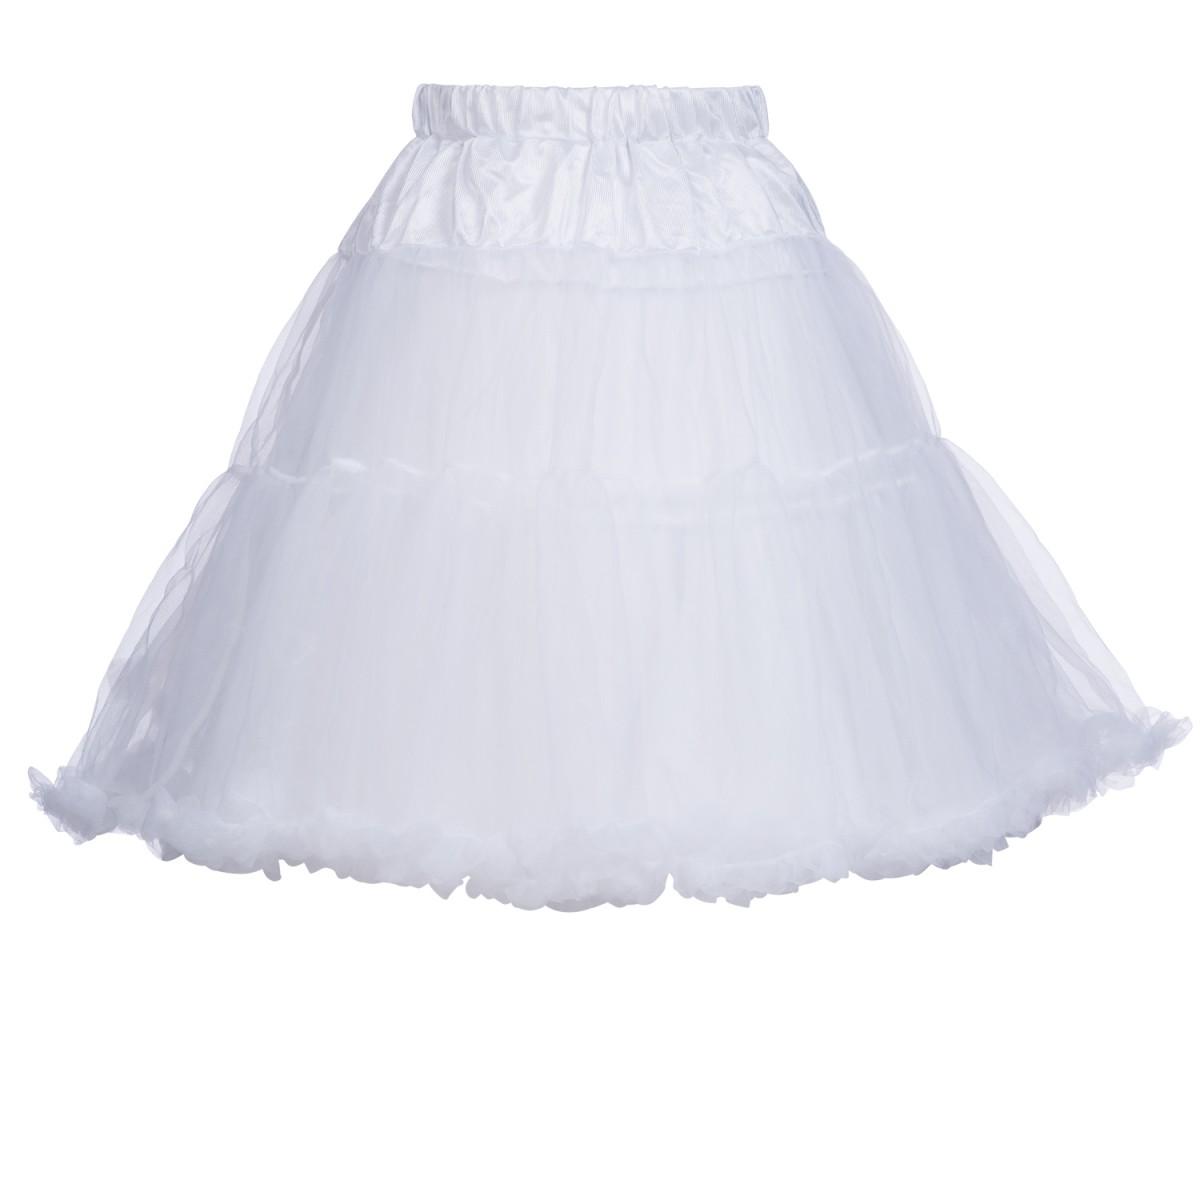 Petticoat in Weiß von Marjo Trachten 55cm